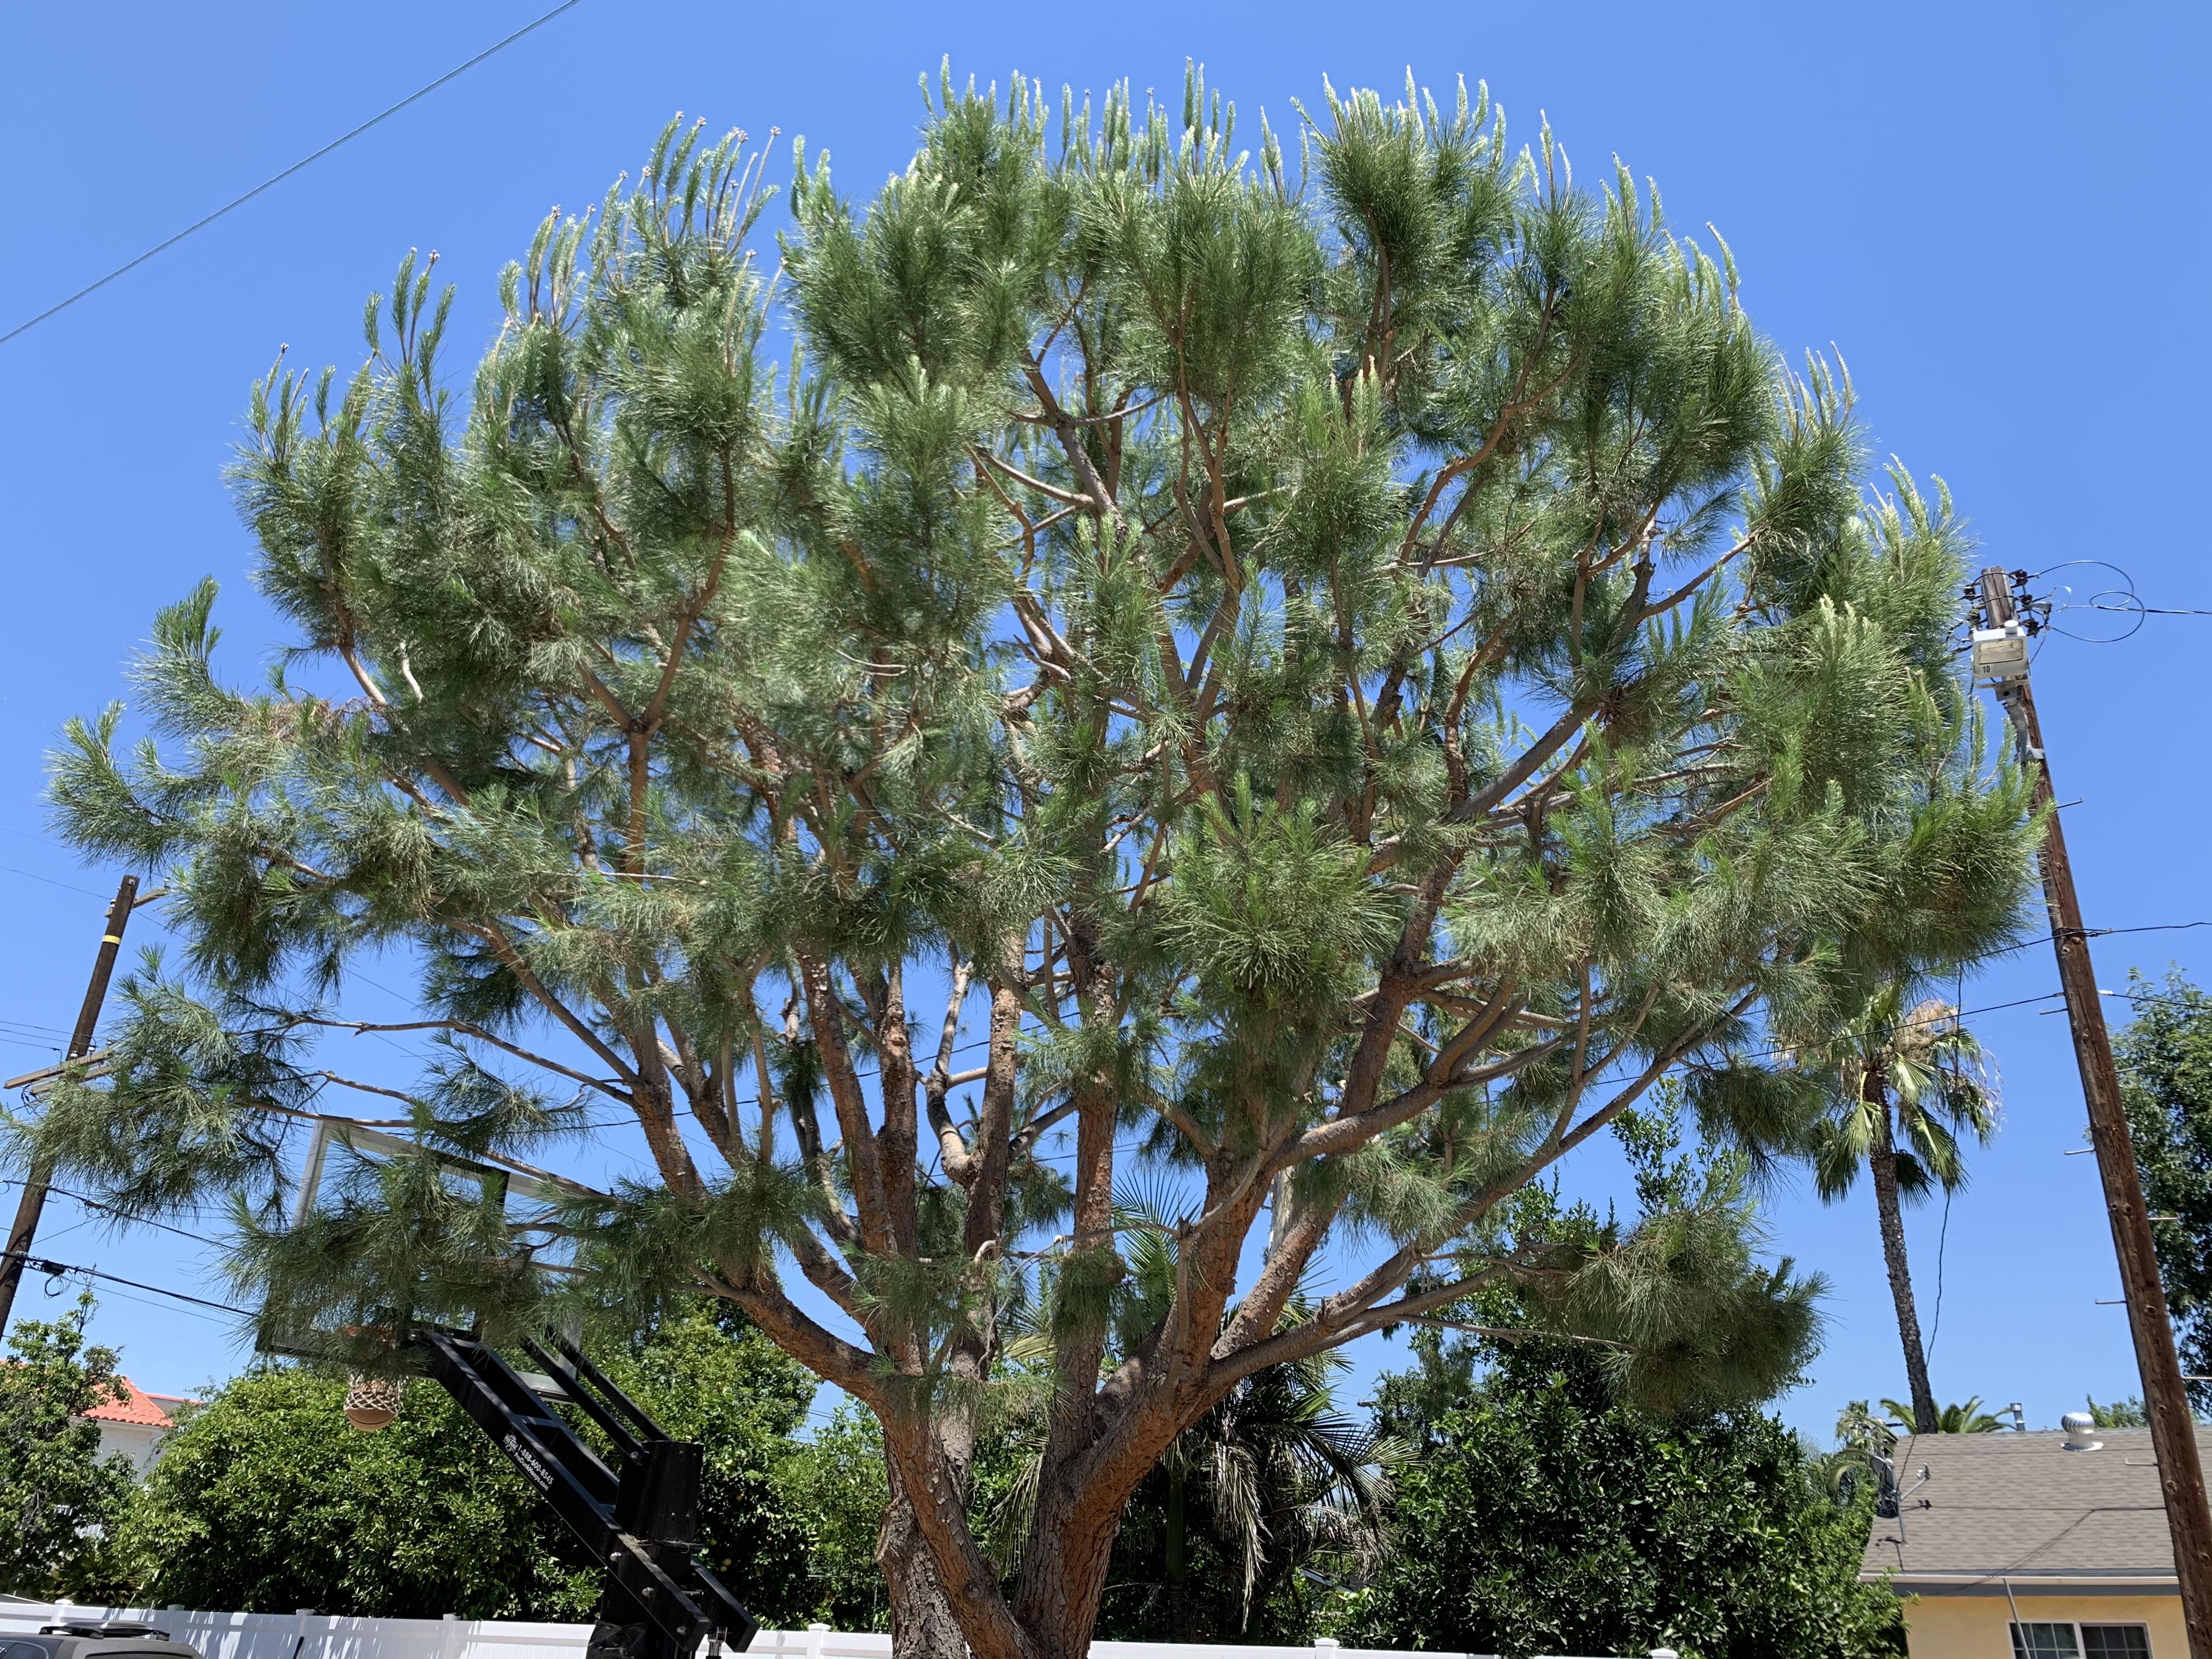 Pruned Pine Tree